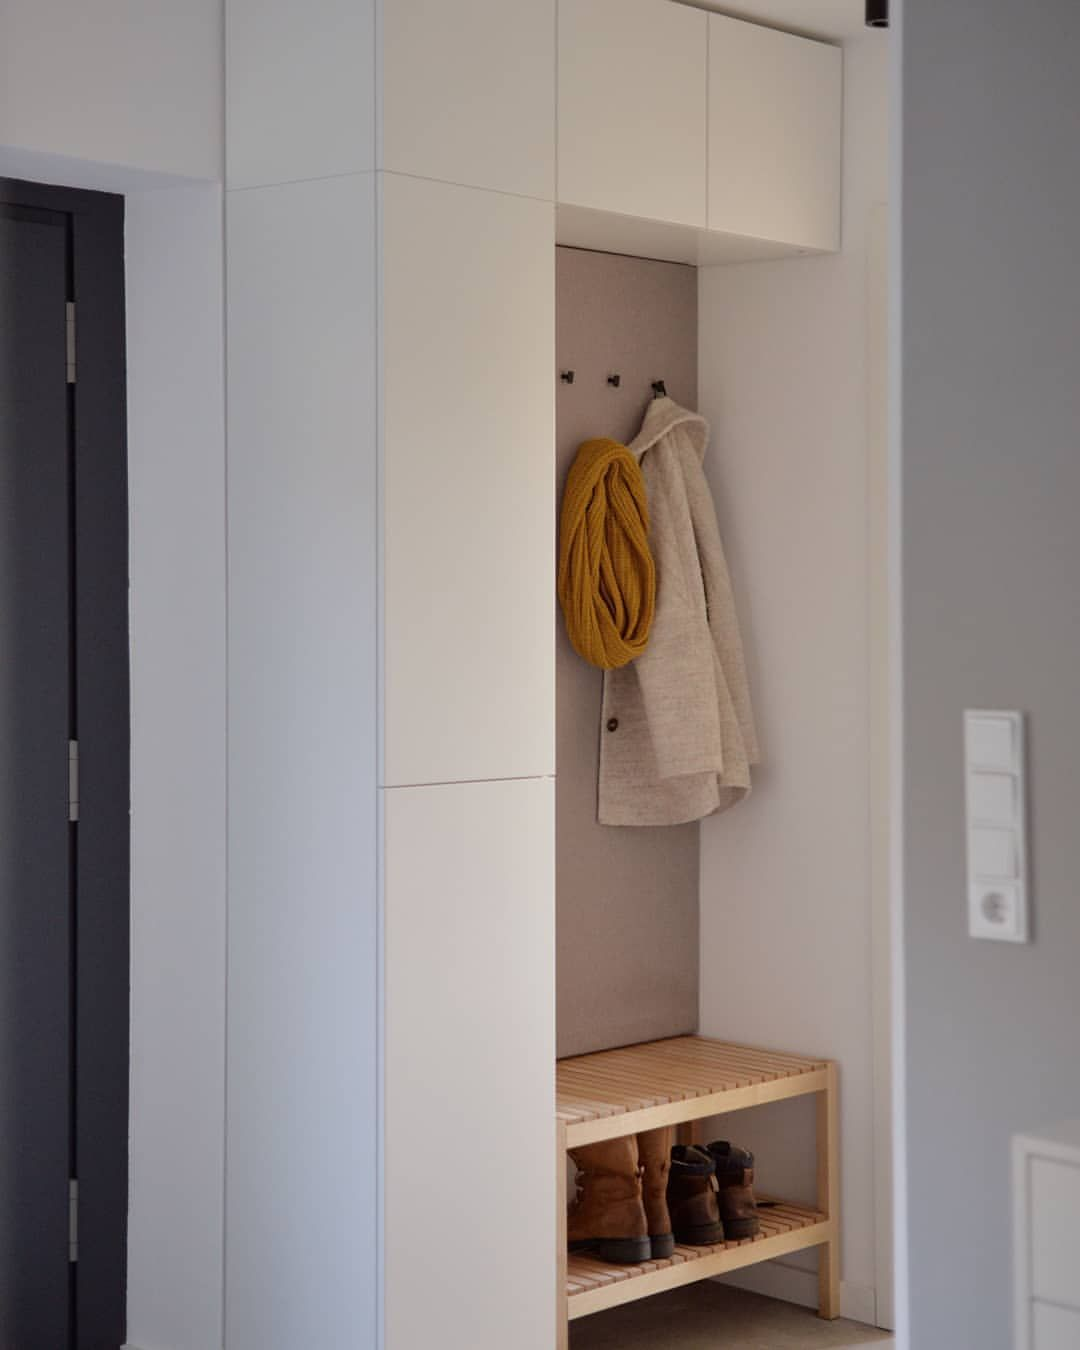 Home mehndi design 2018 einfach und leicht noch schnell ein beitrag zum heutigen thema hallway iic